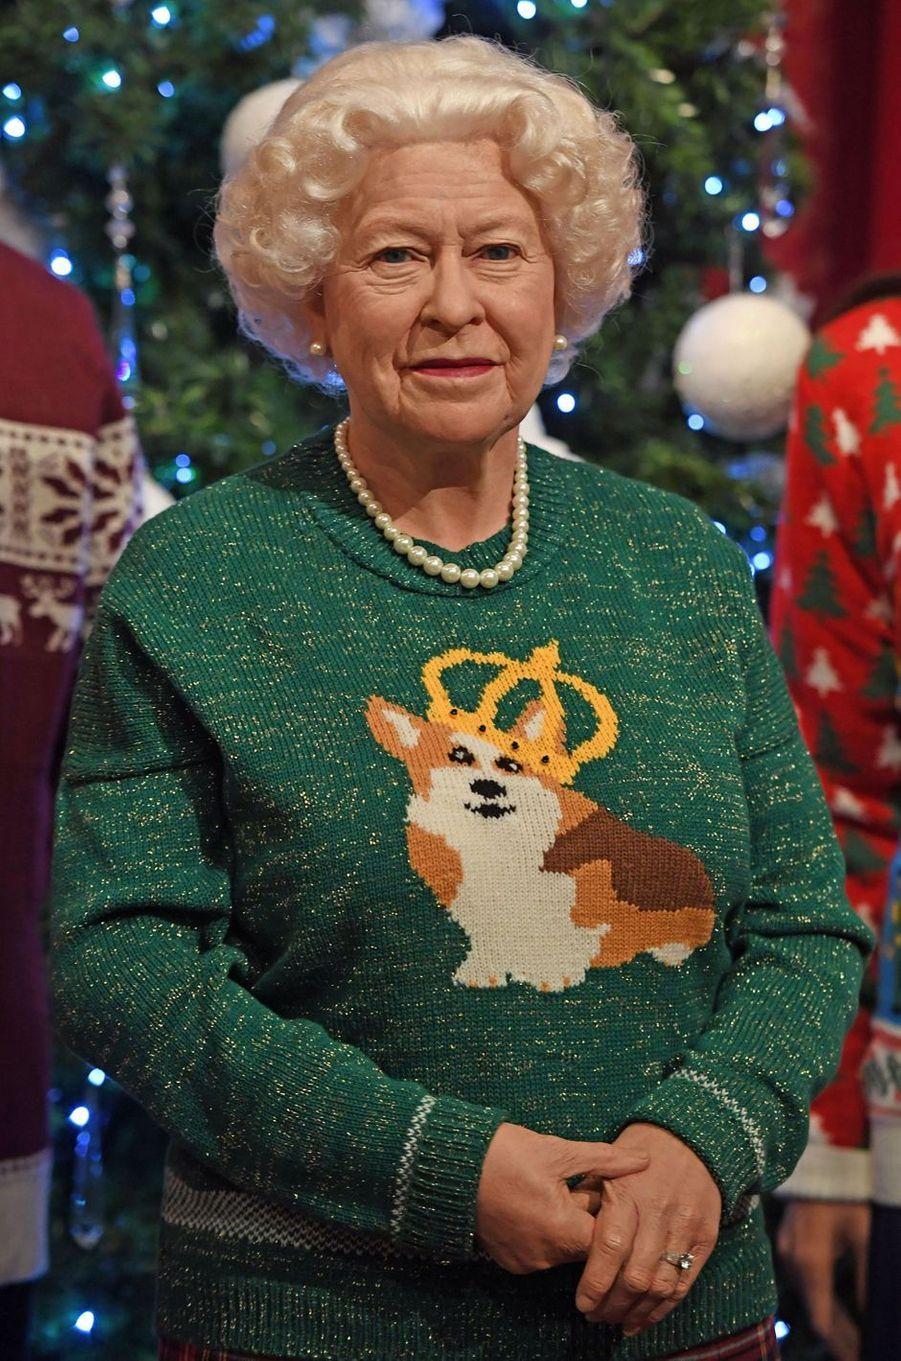 La statue de cire de la reine Elizabeth II au musée Madame Tussauds à Londres en habits de Noël, le 6 décembre 2016